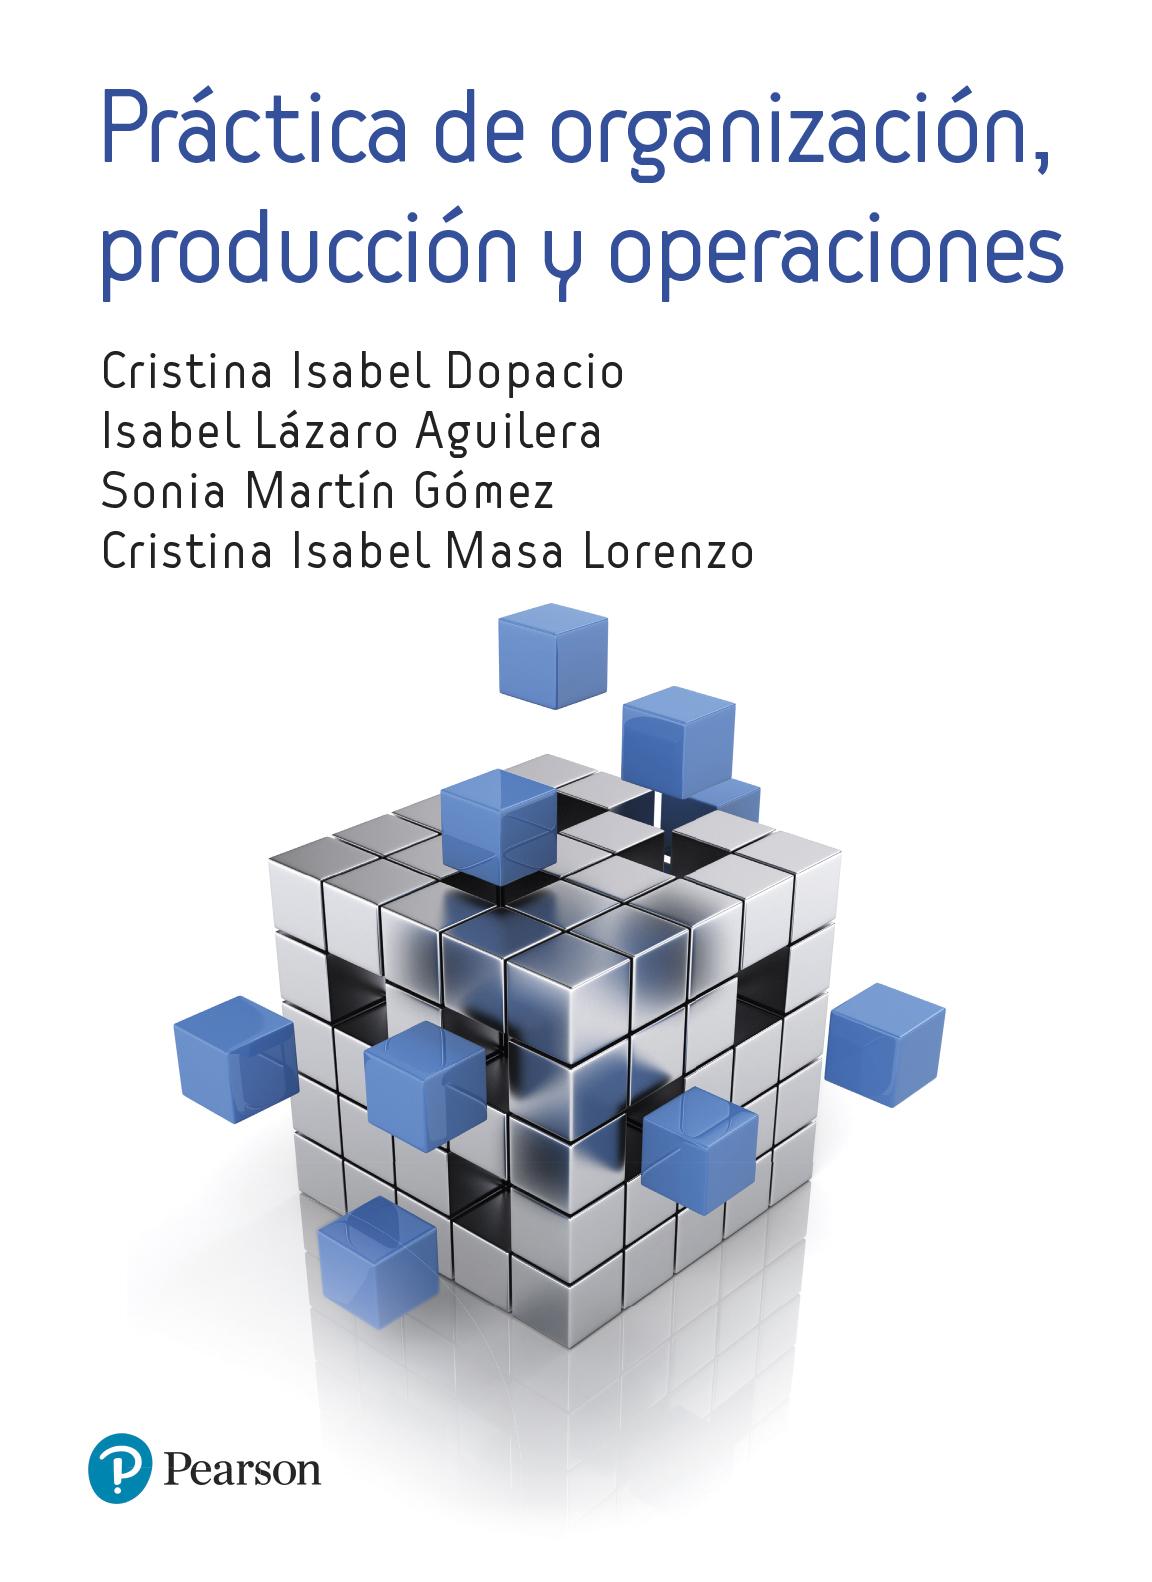 Práctica de organización, producción y operaciones